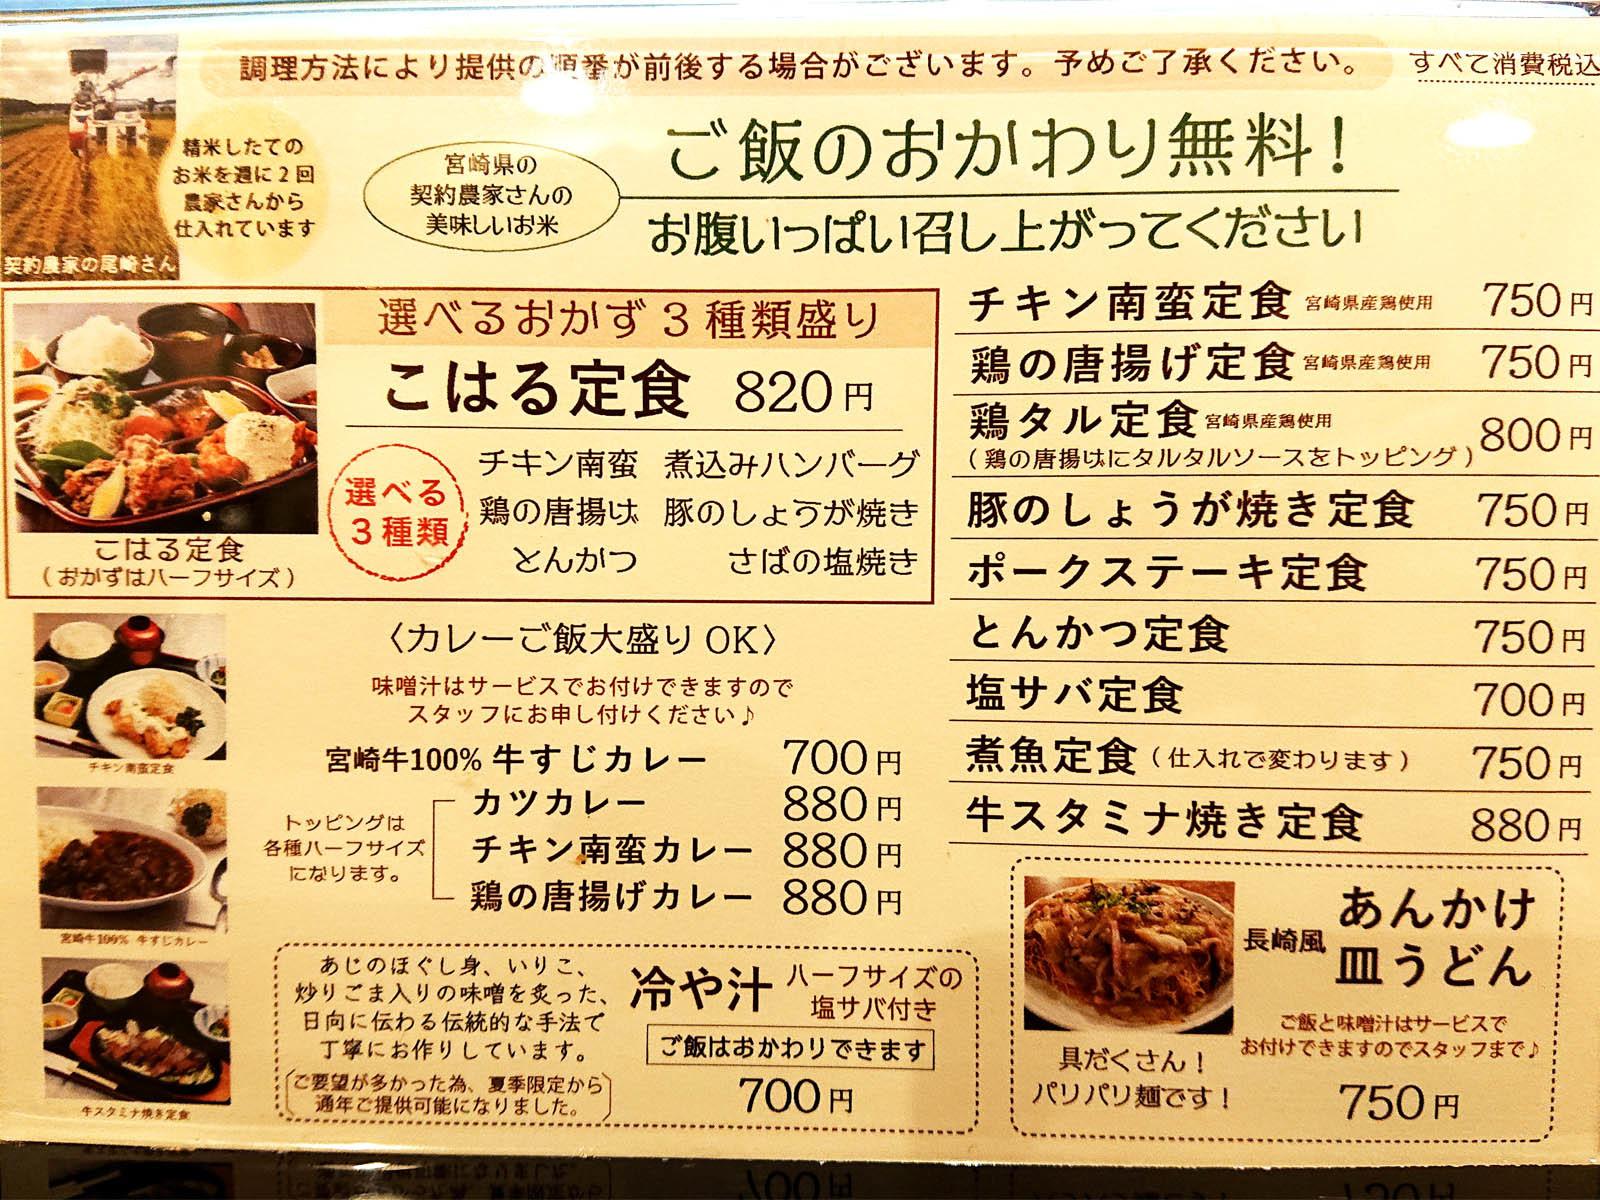 3_koharu_menu.jpg